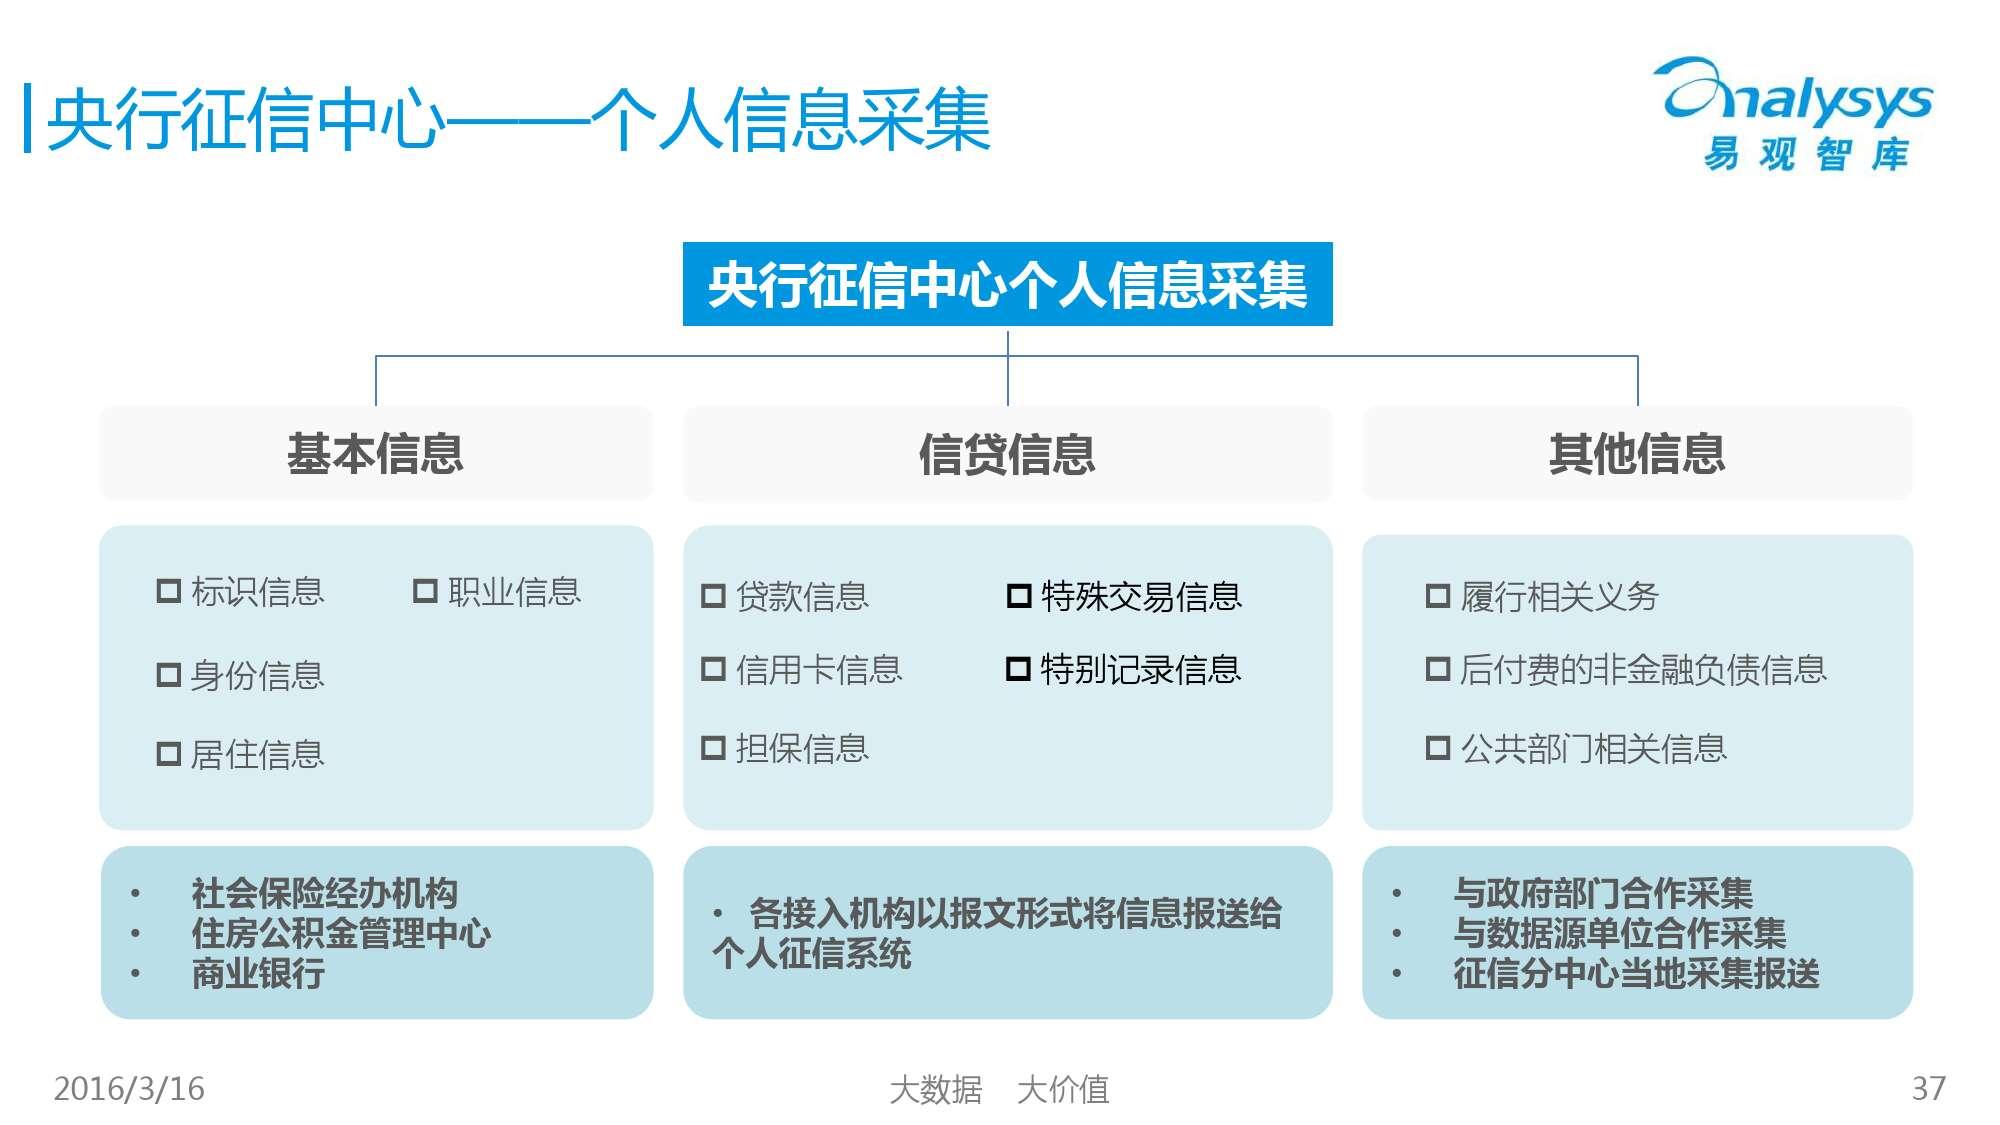 中国征信行业专题研究报告2016_000037